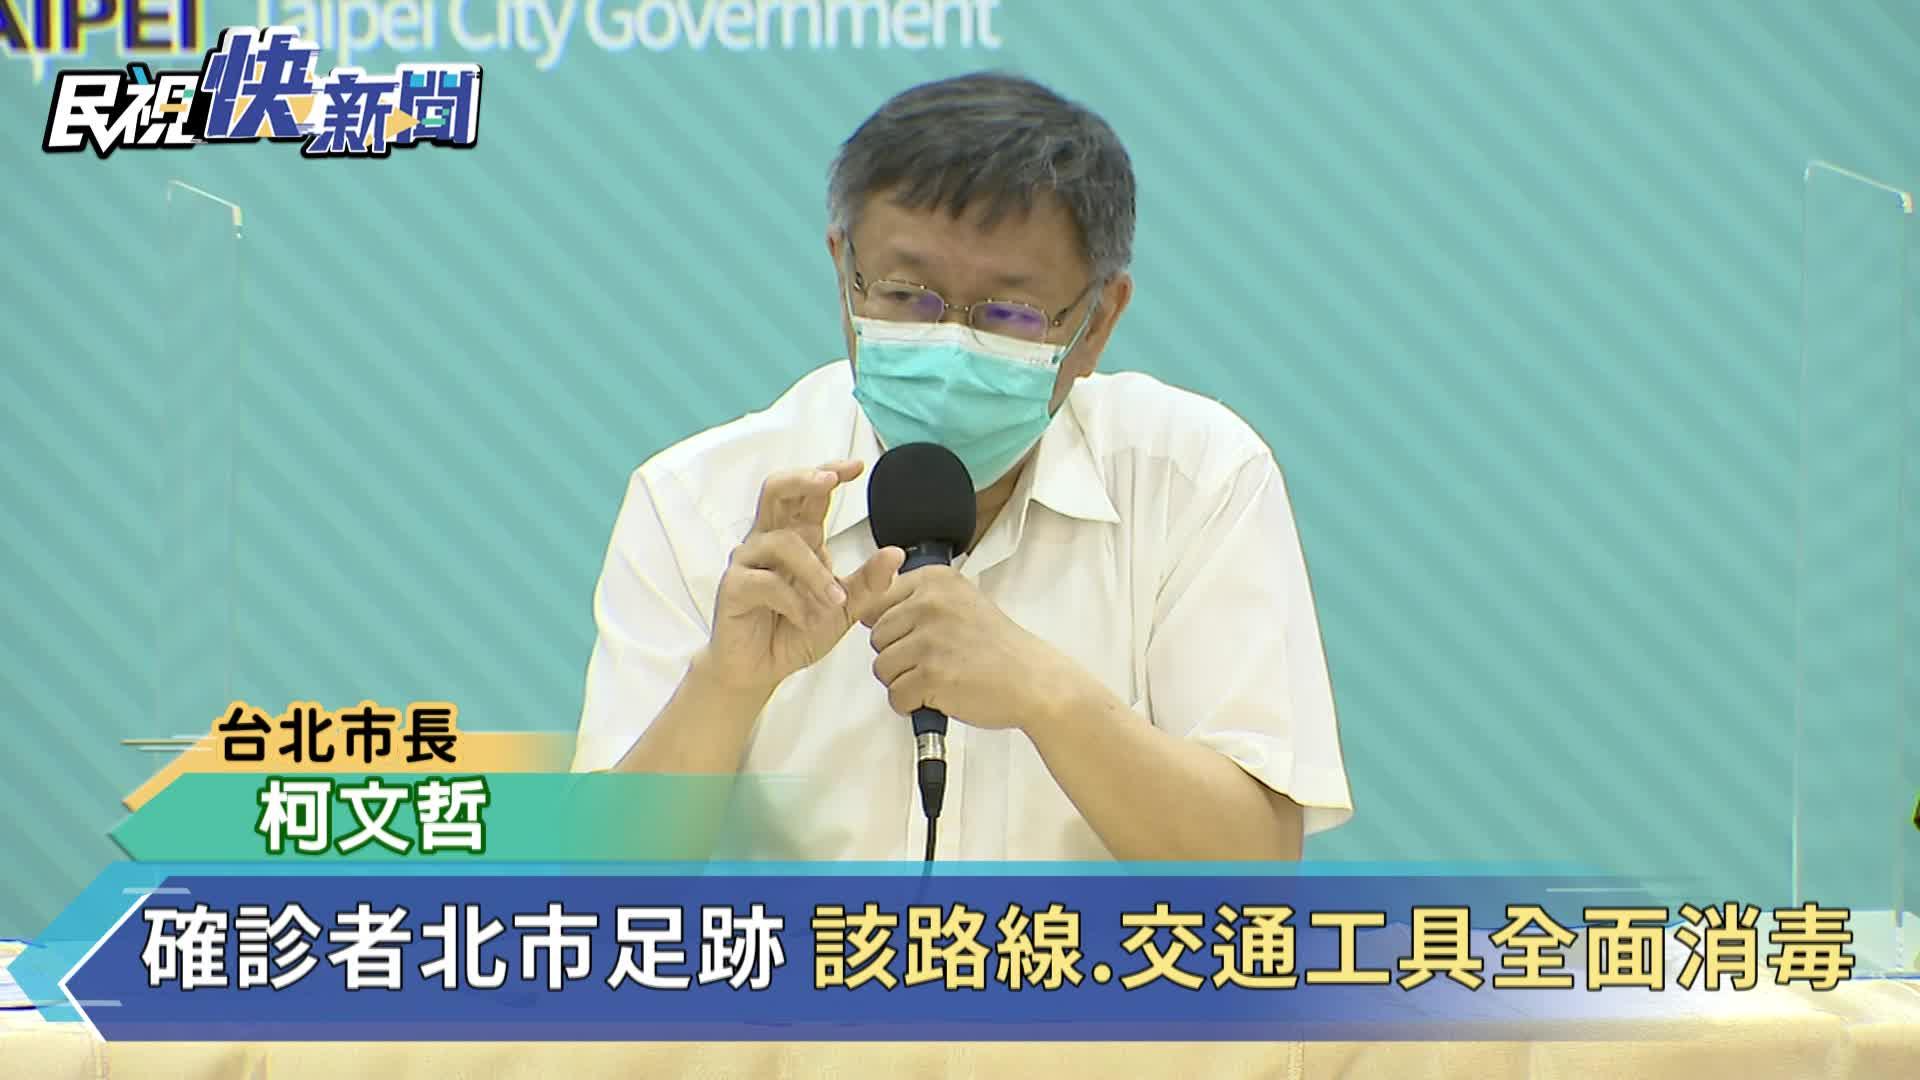 快新聞/疫情怎解?柯文哲:施打疫苗才是終極辦法